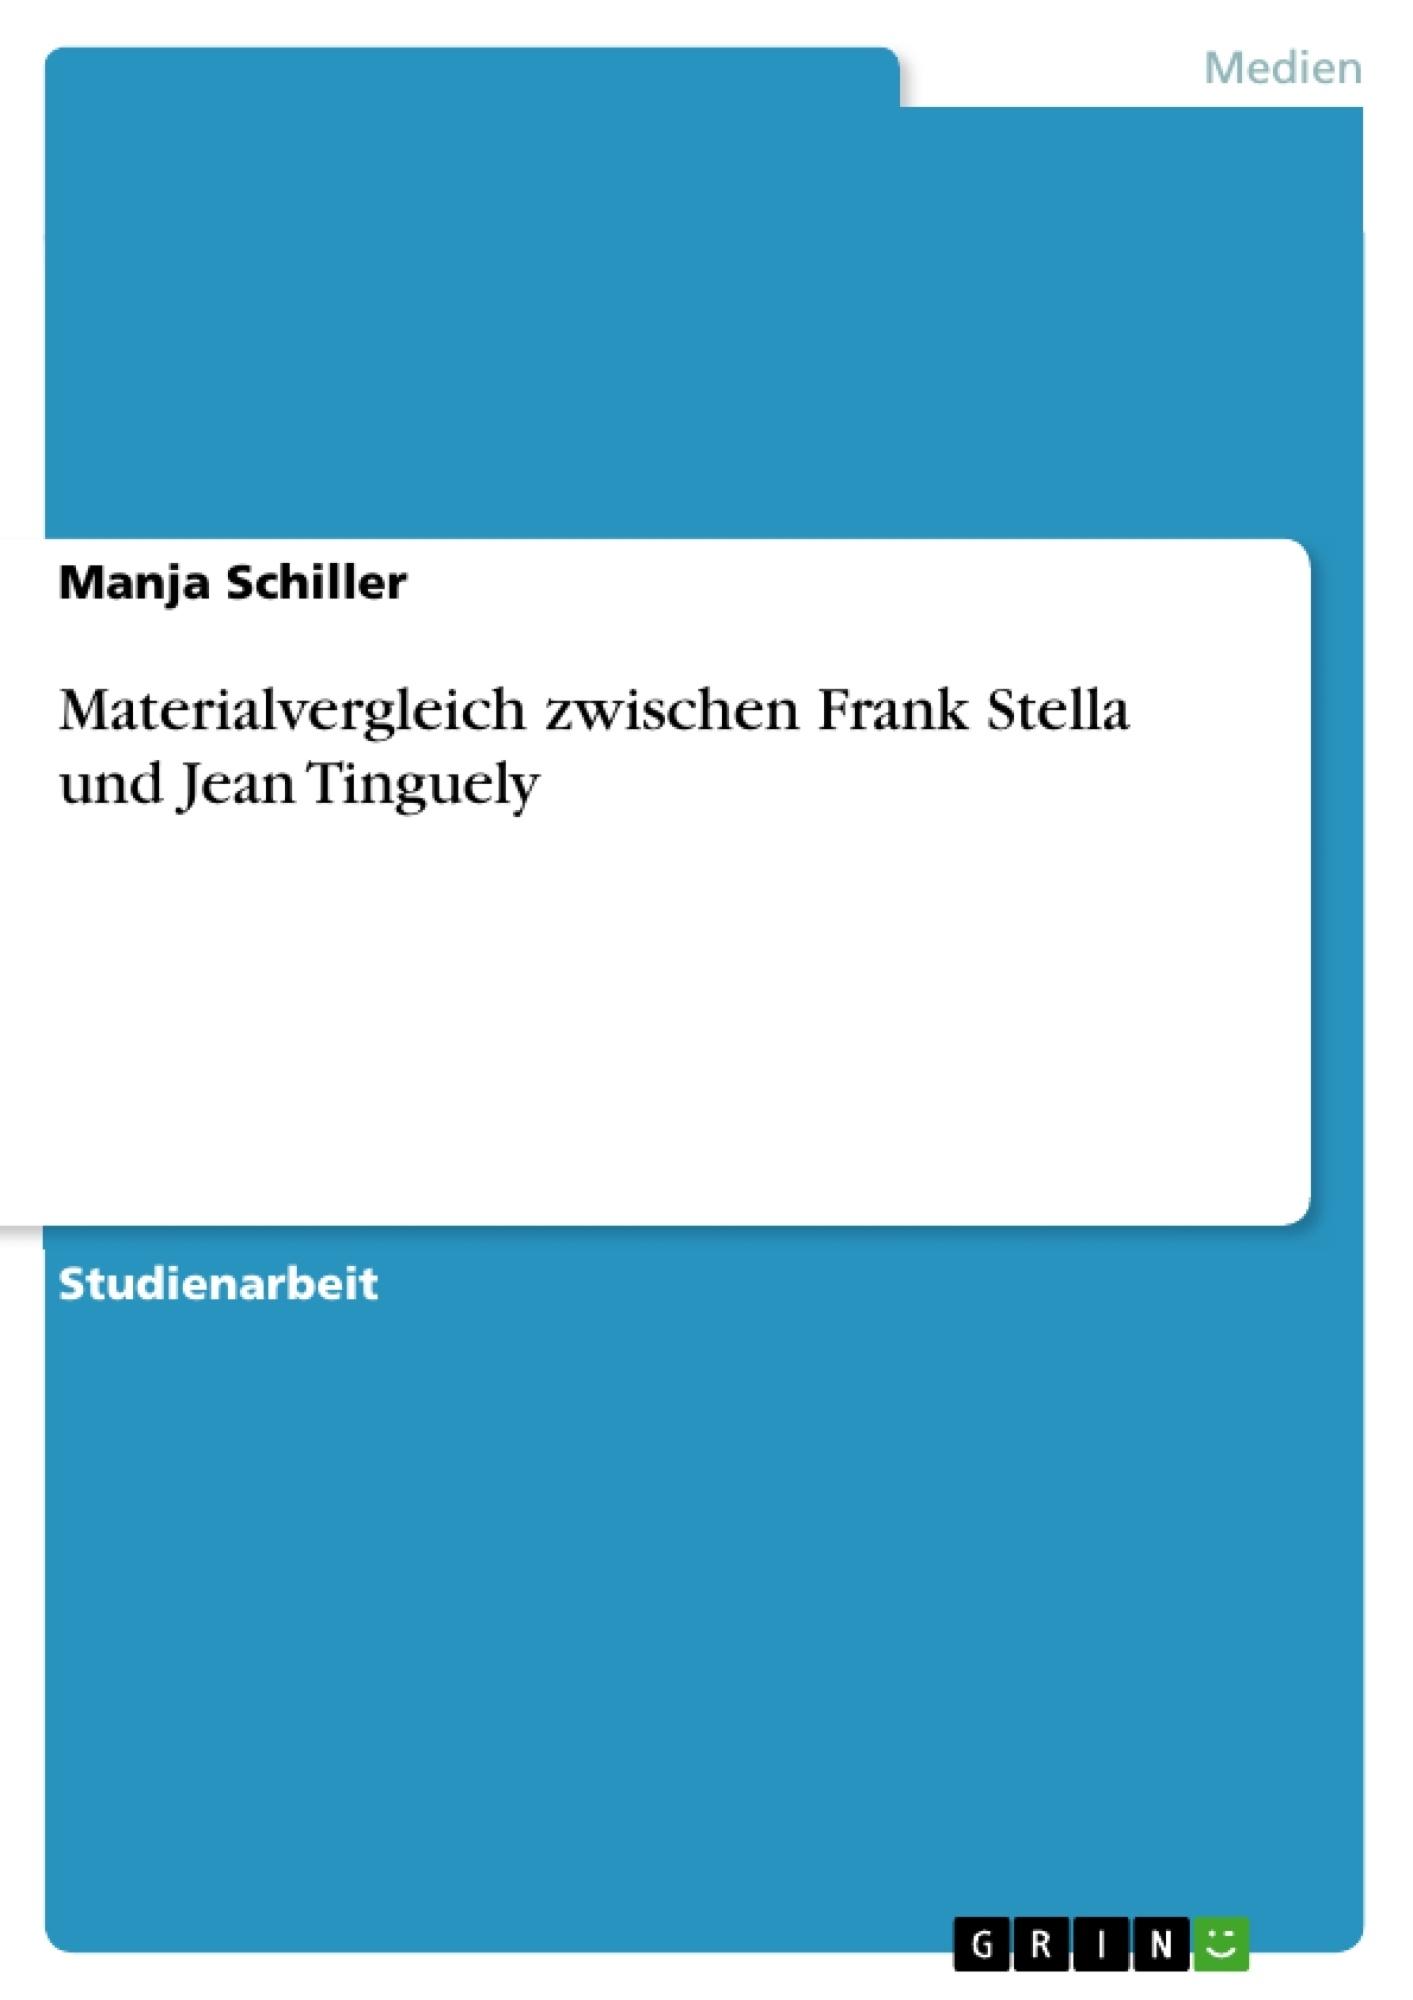 Titel: Materialvergleich zwischen Frank Stella und Jean Tinguely